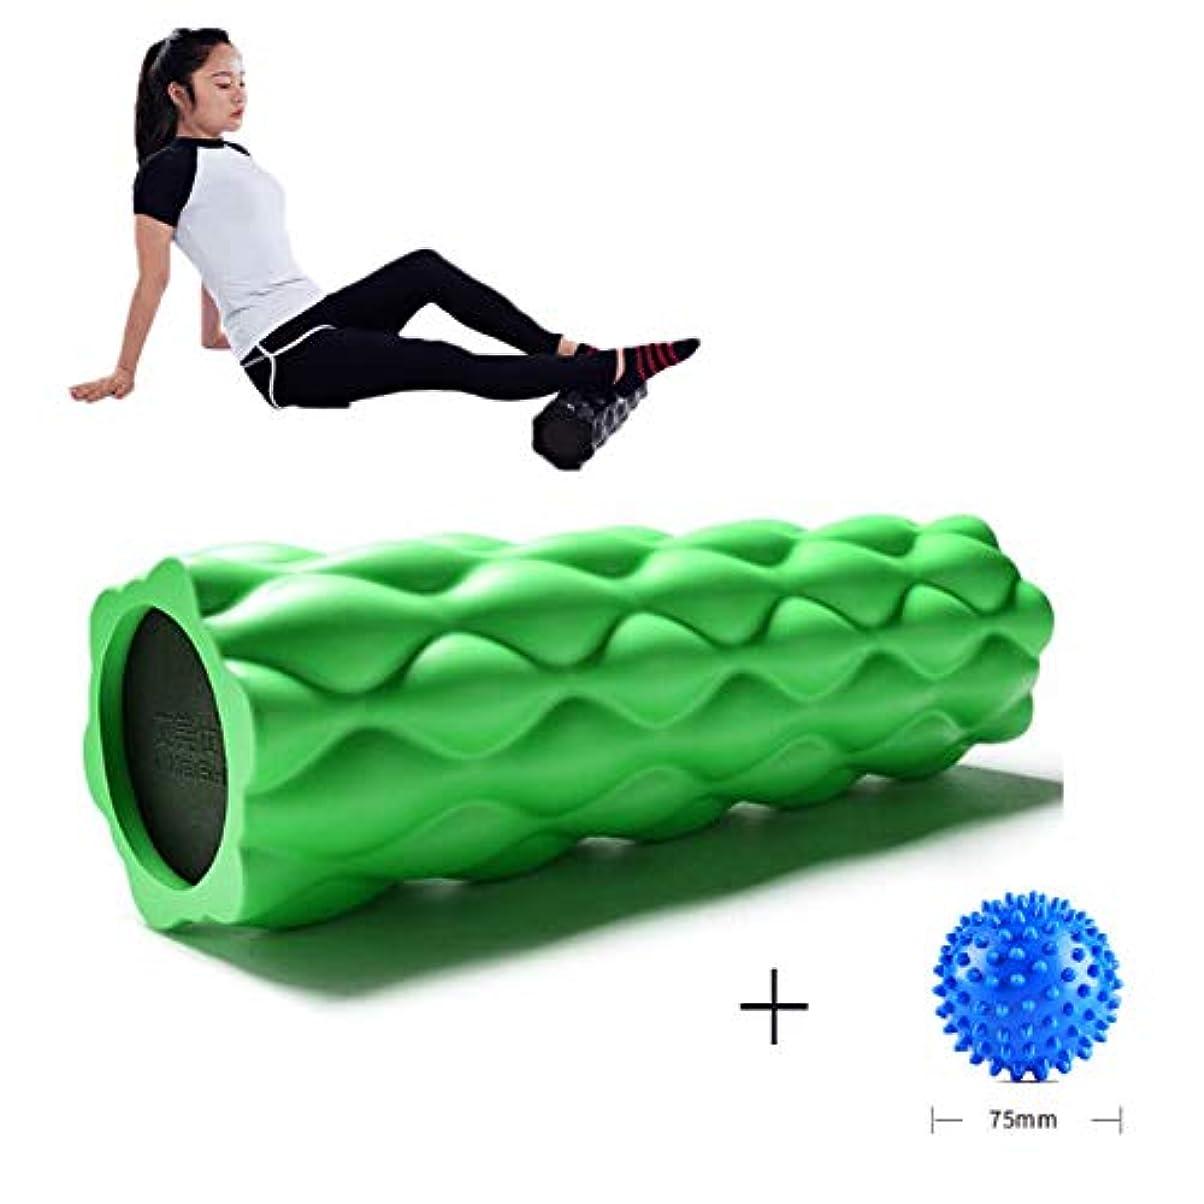 処方するパイプコストフォームローラー 深部組織筋肉マッサージトリガーポイント解放(44.5 x 13.5 cm)のための高密度耐圧脊髄チャンネル,Green